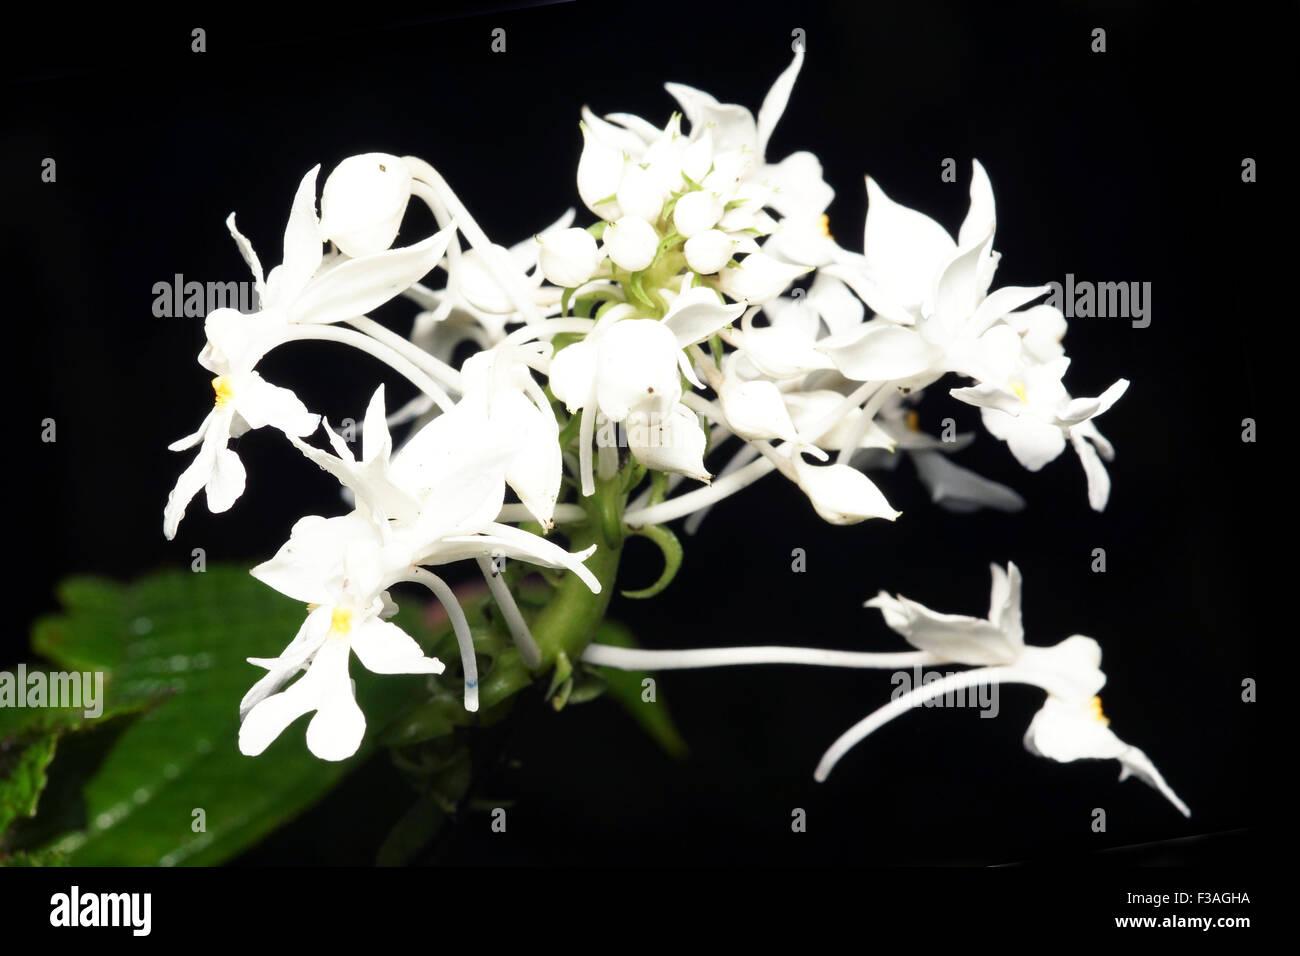 Calanthe sp Orchidaceae  flora plant flower - Stock Image